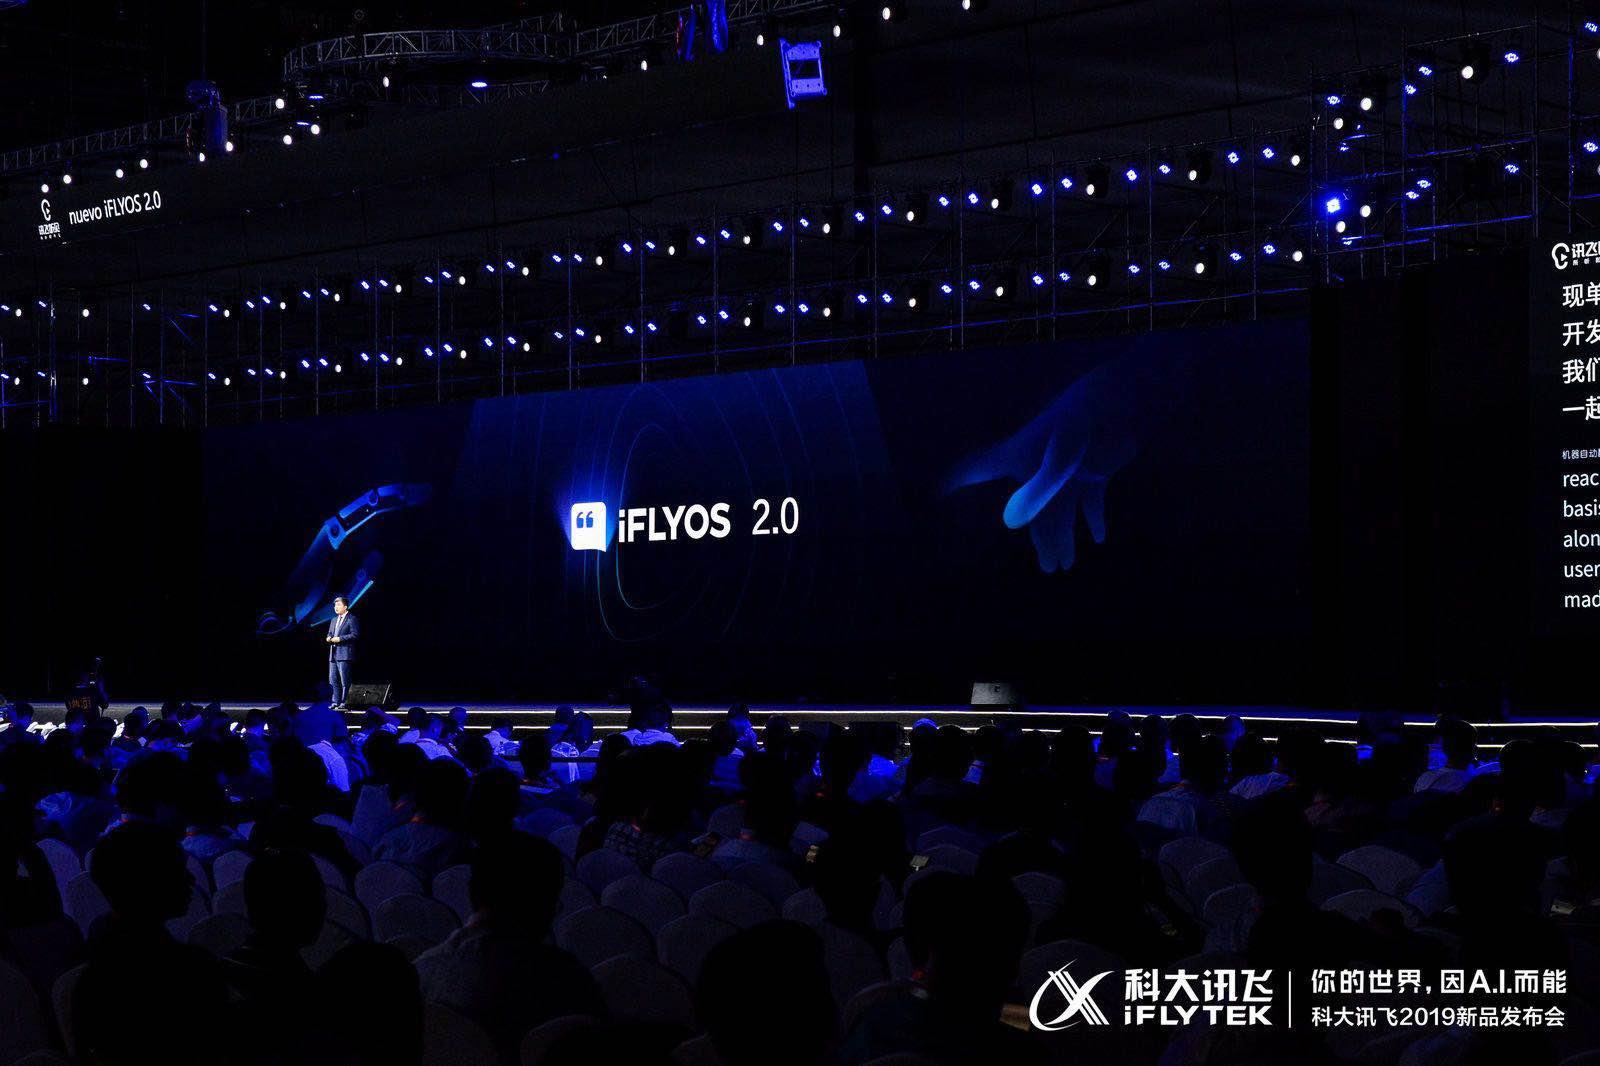 科大讯飞发布智能物联网操作系统iFLYOS 2.0 入局AIoT